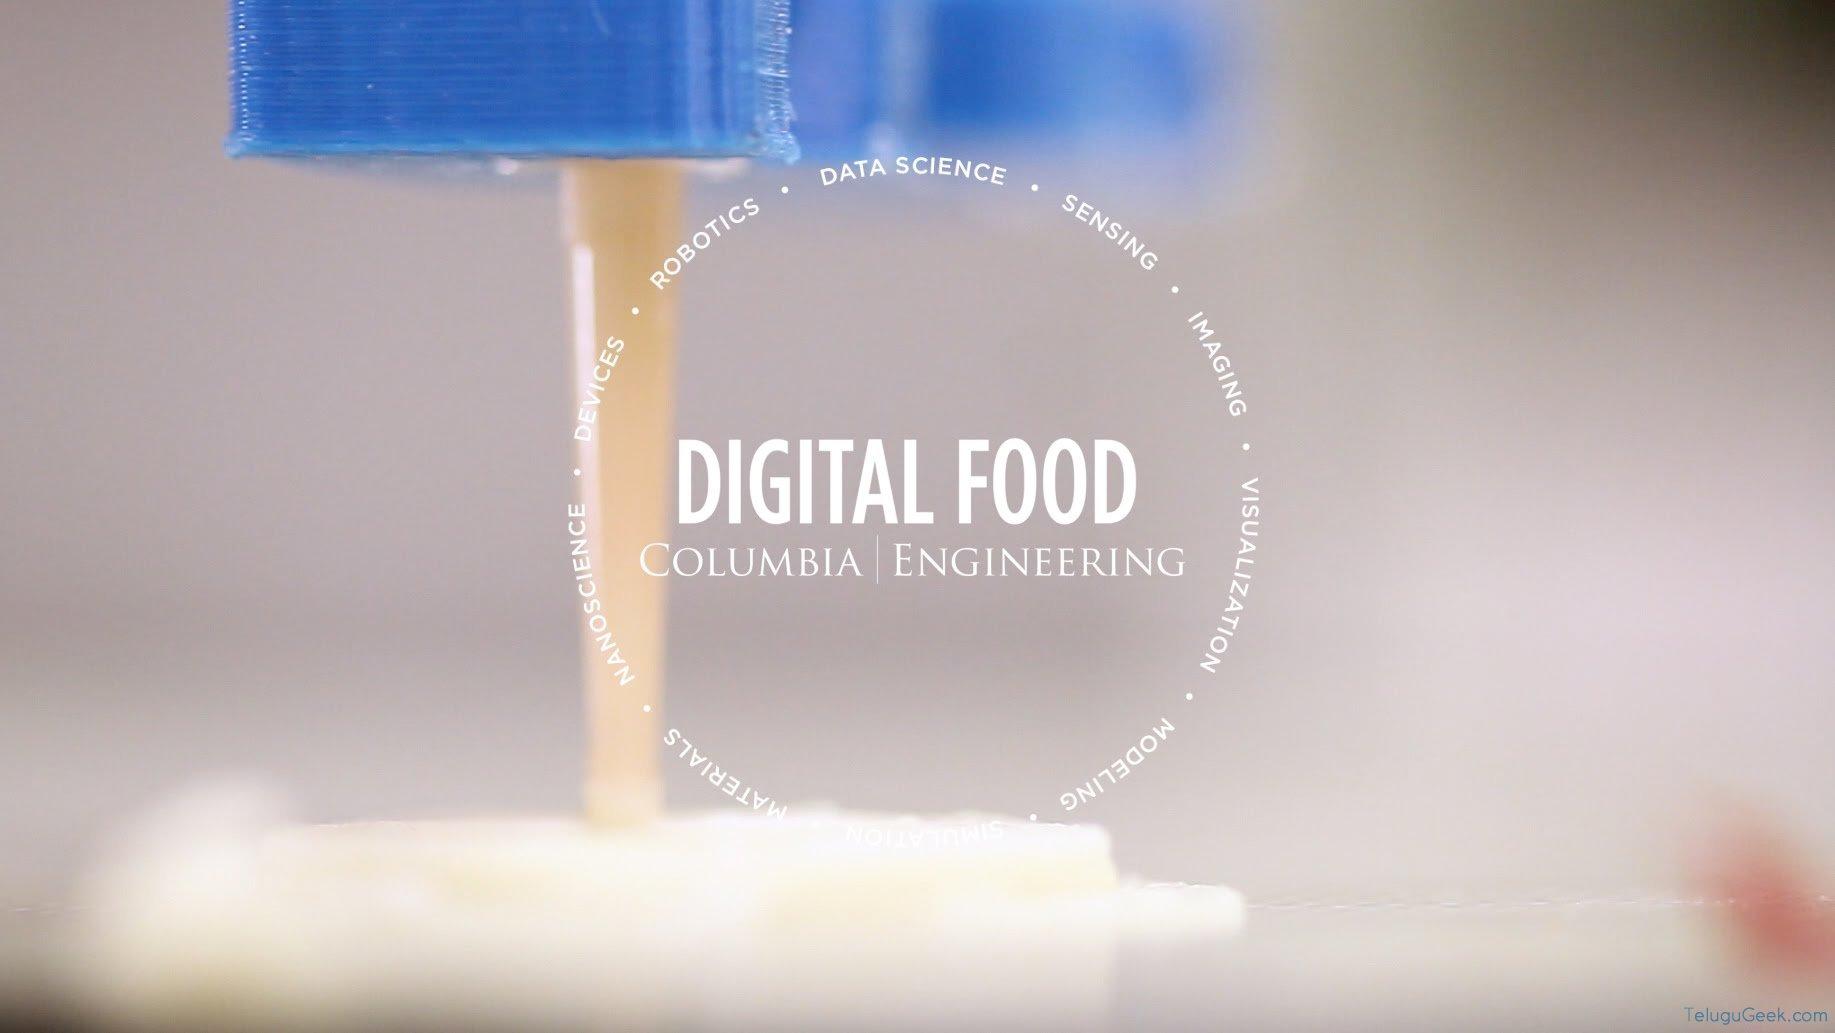 Digital Food: 3D ఫుడ్ ప్రింటర్తో మారుతున్న ప్రపంచానికి సరి కొత్త రుచి